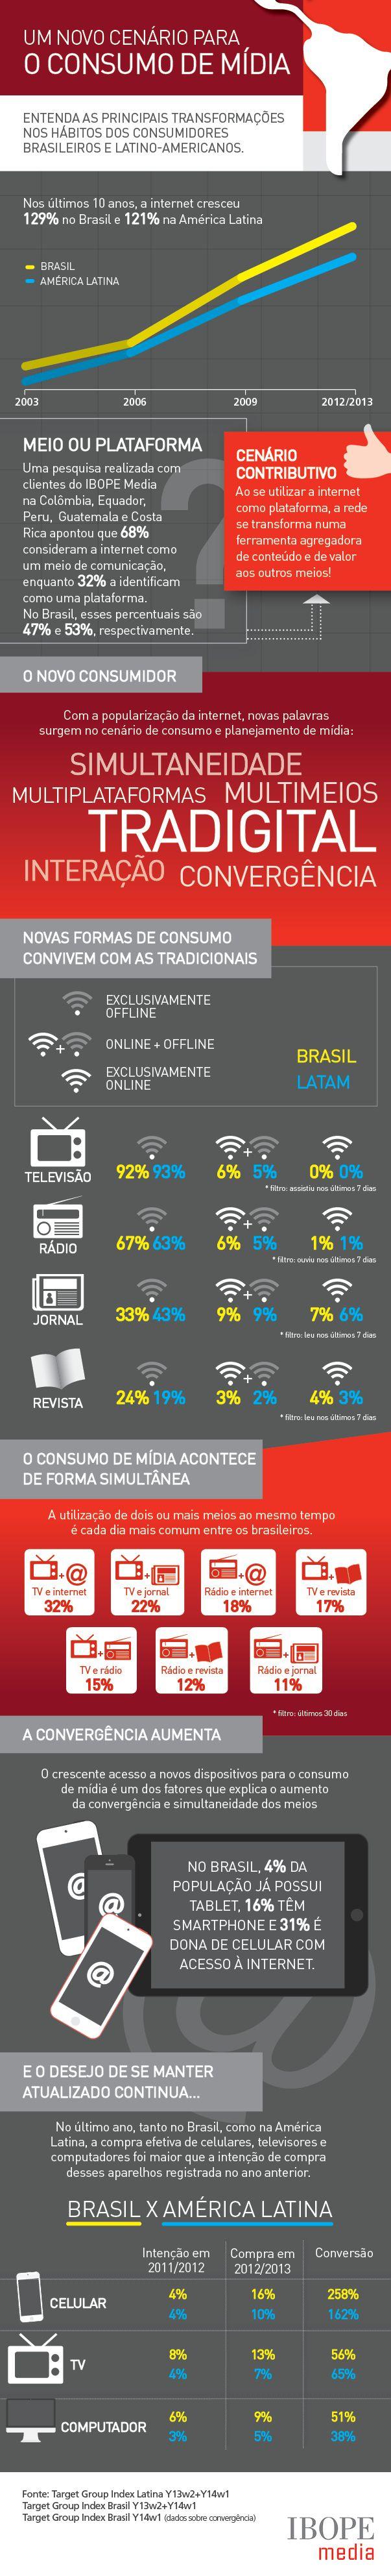 infográfico-consumidor-ibobe